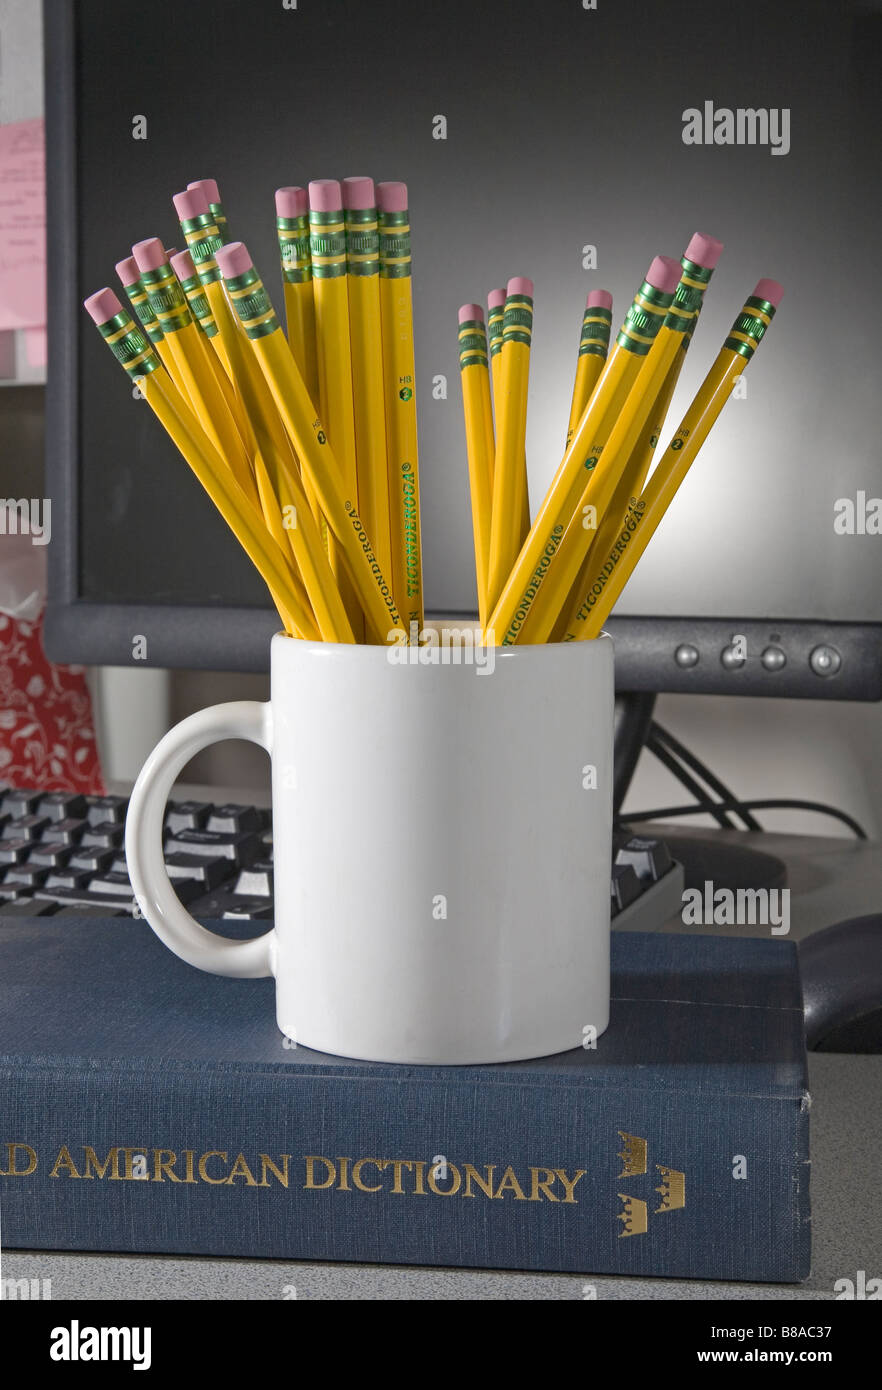 Una tazza o tazza alta di numero 2 Ticonderoga piombo o matite di grafite e cancellatori di fronte a un computer Immagini Stock